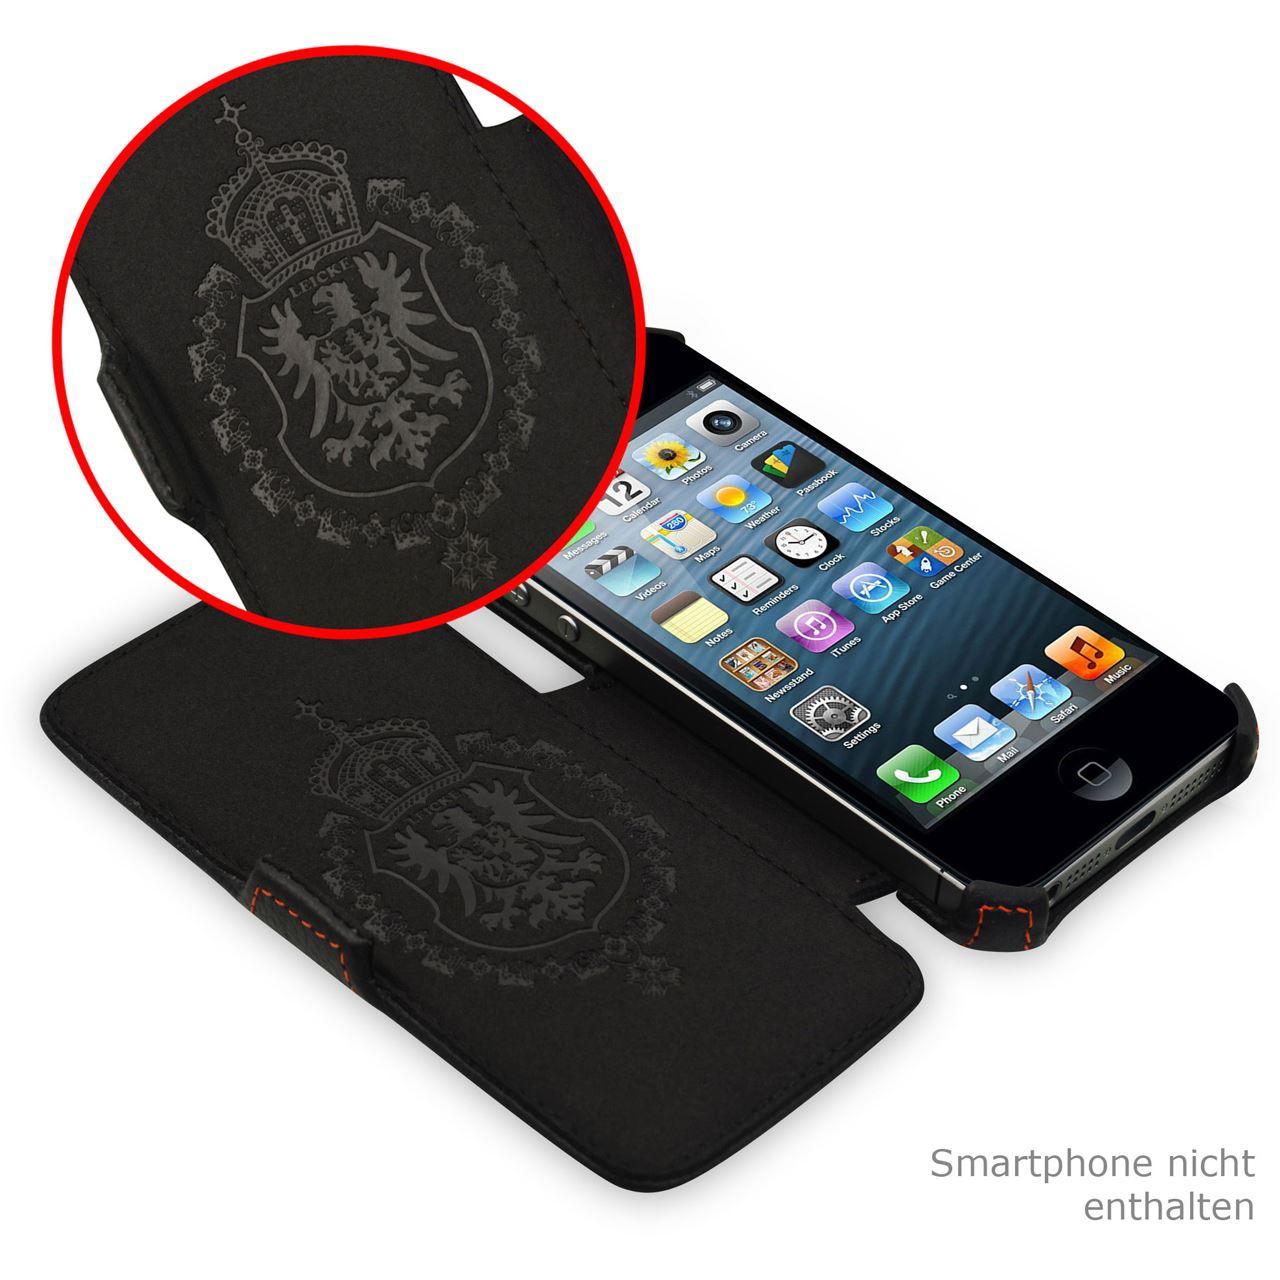 manna apple iphone 5 h lle iphone 5s case leder. Black Bedroom Furniture Sets. Home Design Ideas